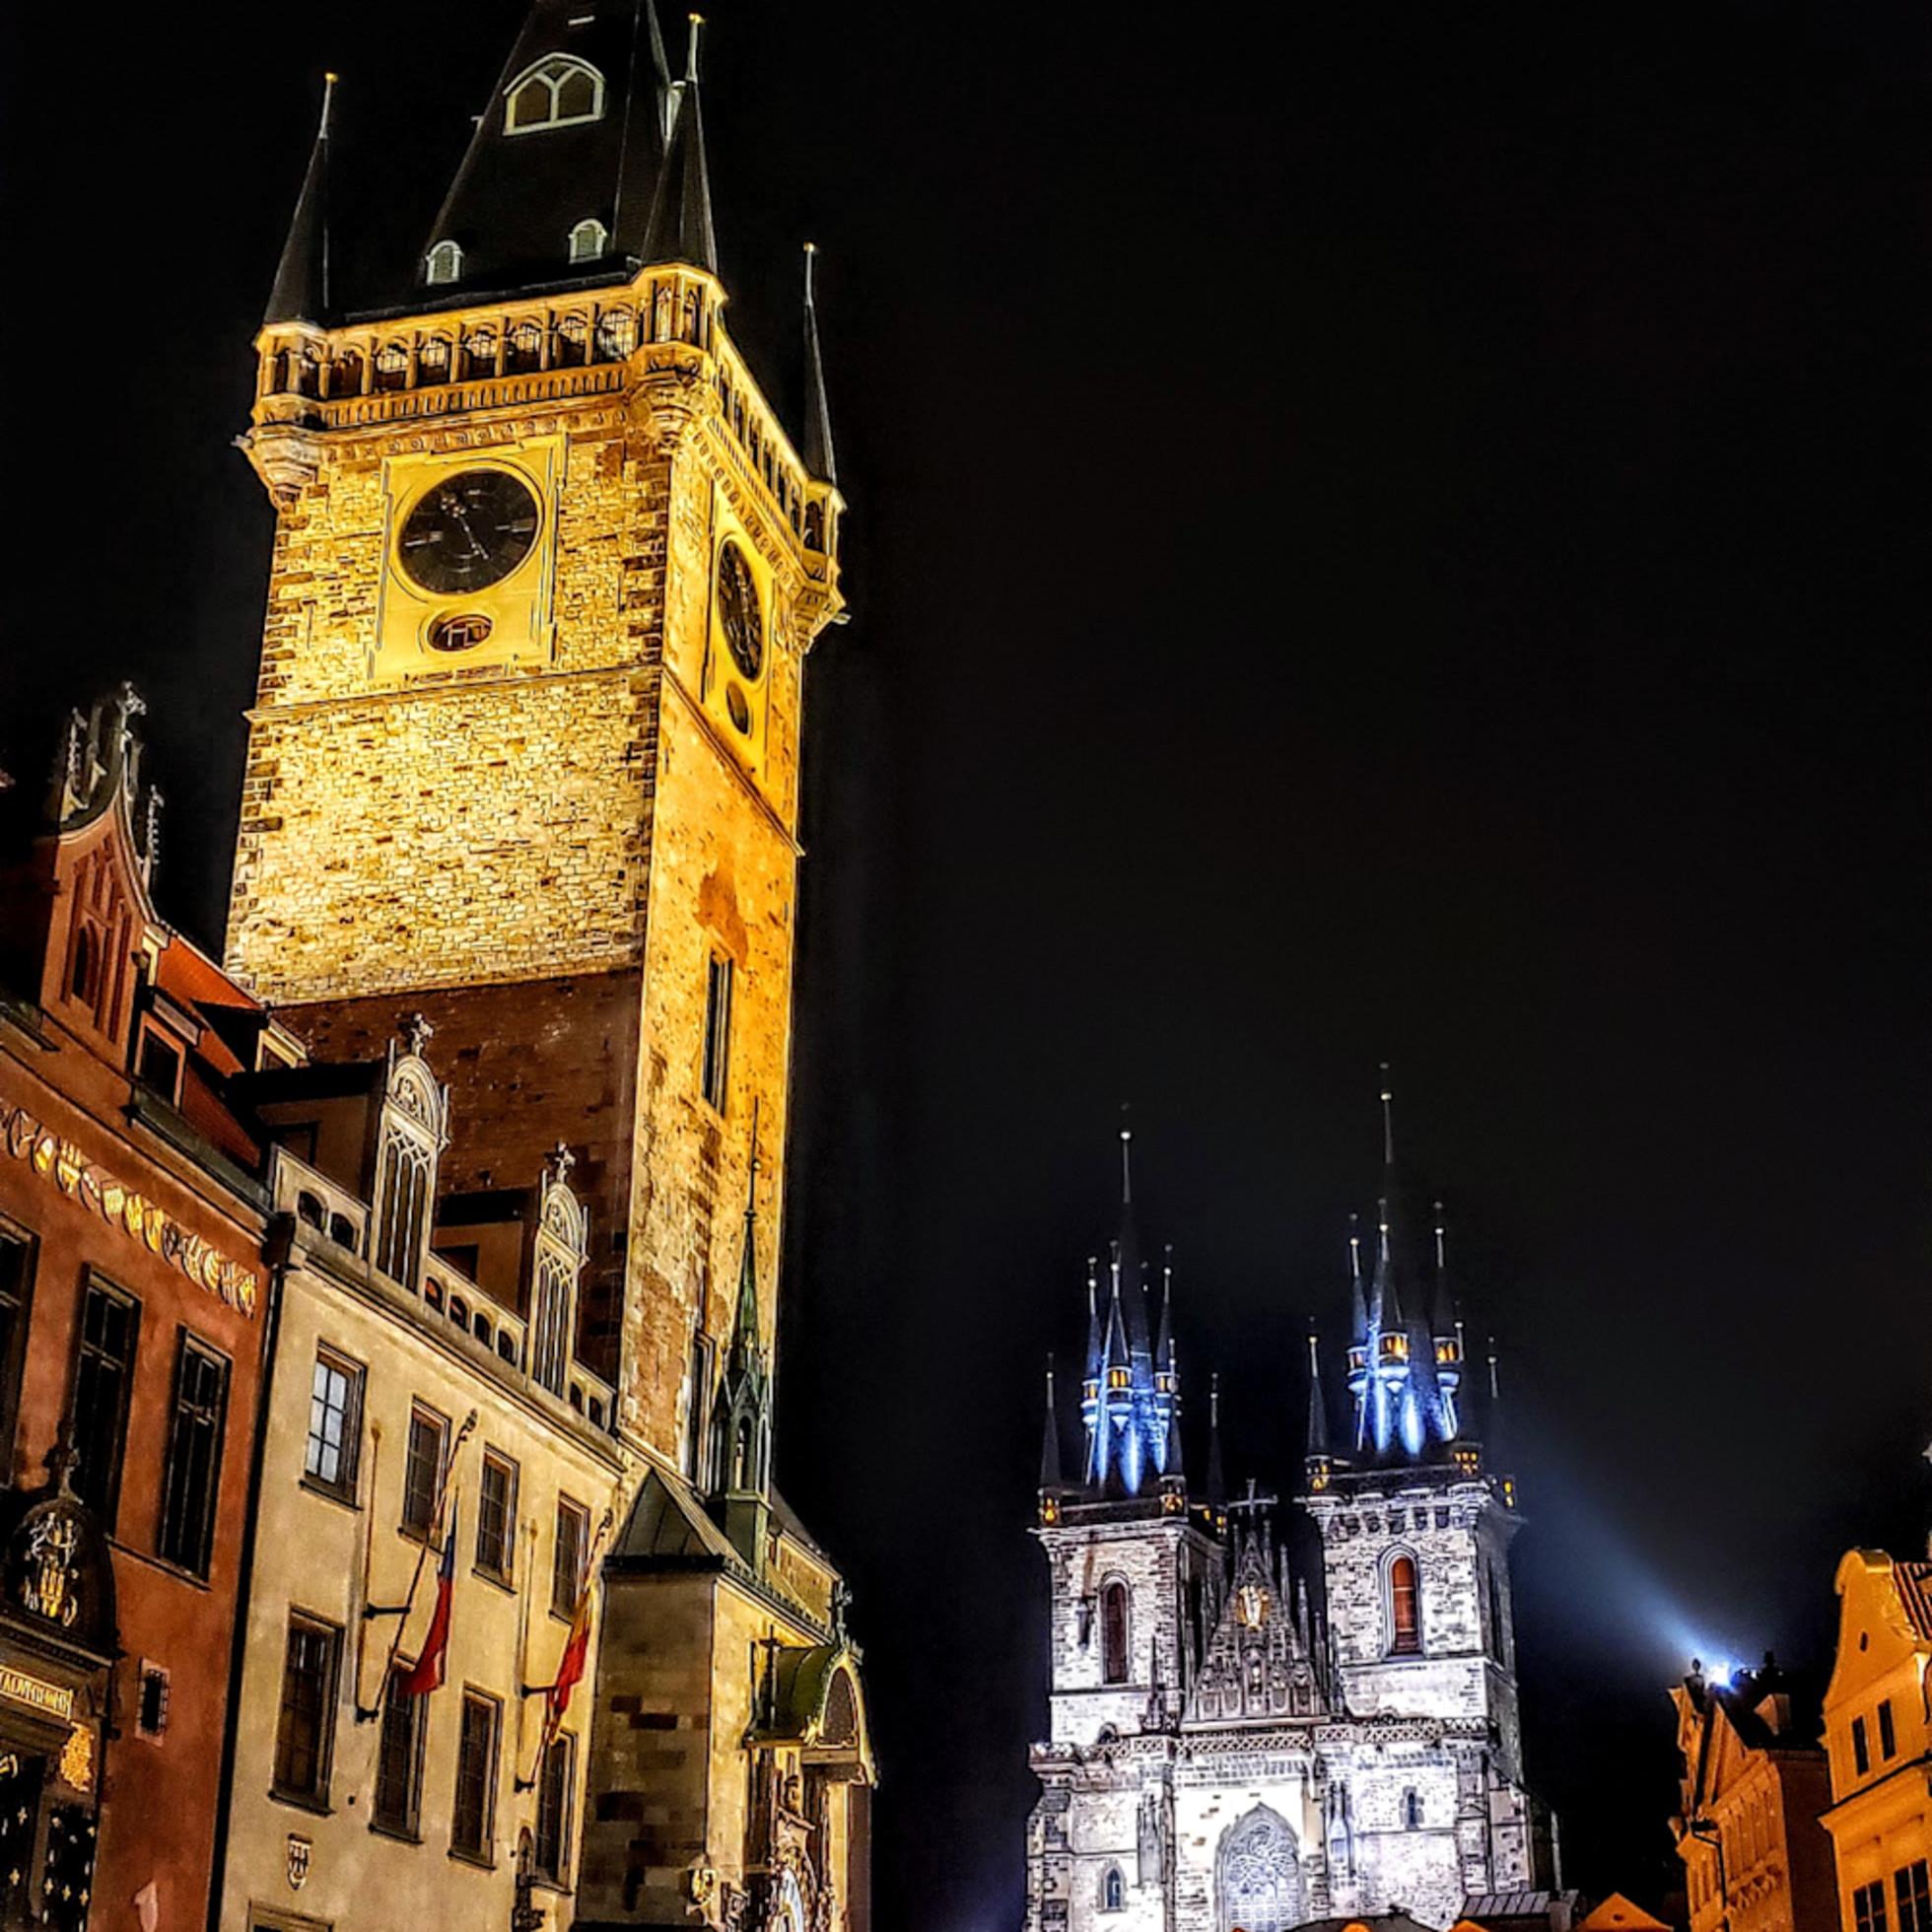 Pragueoldtownwonderland pophigh colormedhigh 20190924 225653 nb2kin